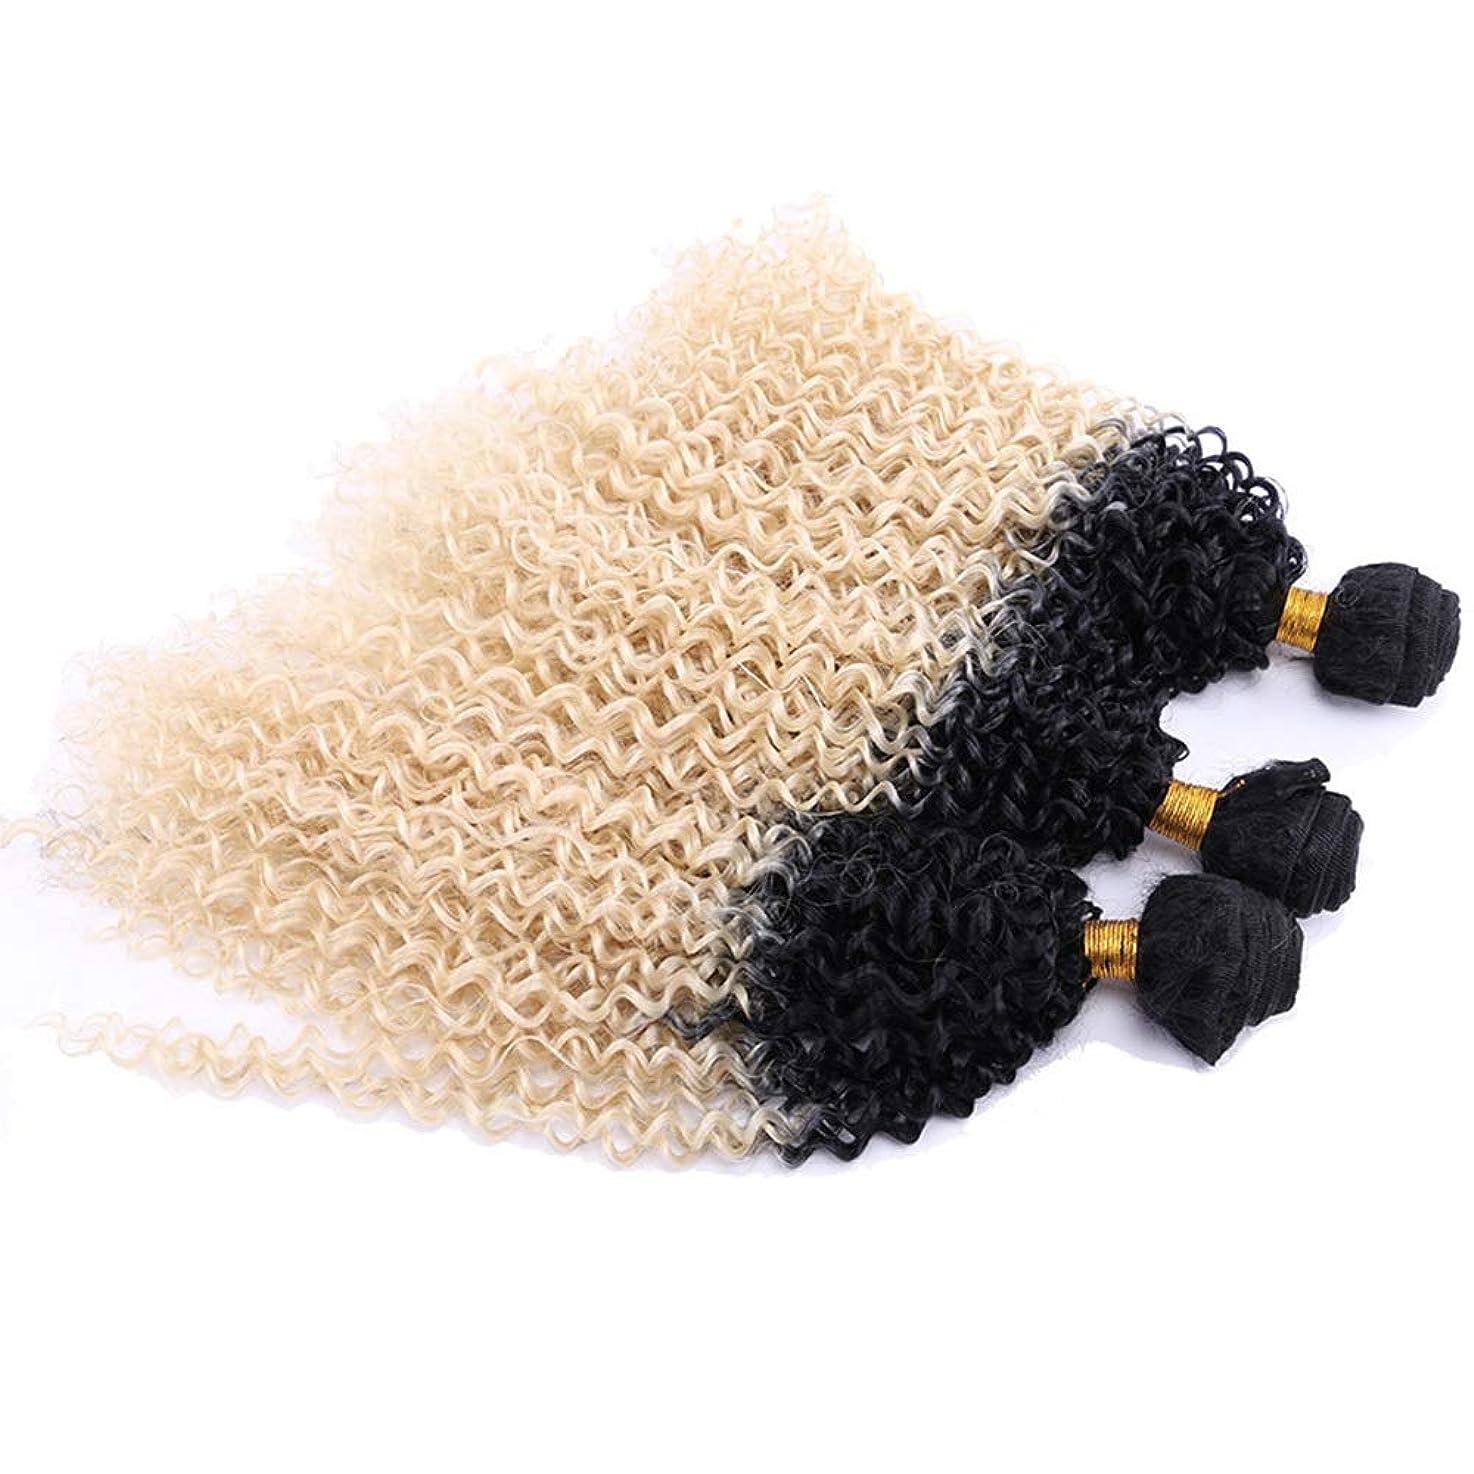 バッジ山遡るYrattary ブロンドウェーブヘア3バンドルブラジル髪の小さなカール女性のための耐熱性繊維合成毛髪のかつらロールプレイングウィッグロングとショートの女性自然 (色 : Blonde, サイズ : 24inch)